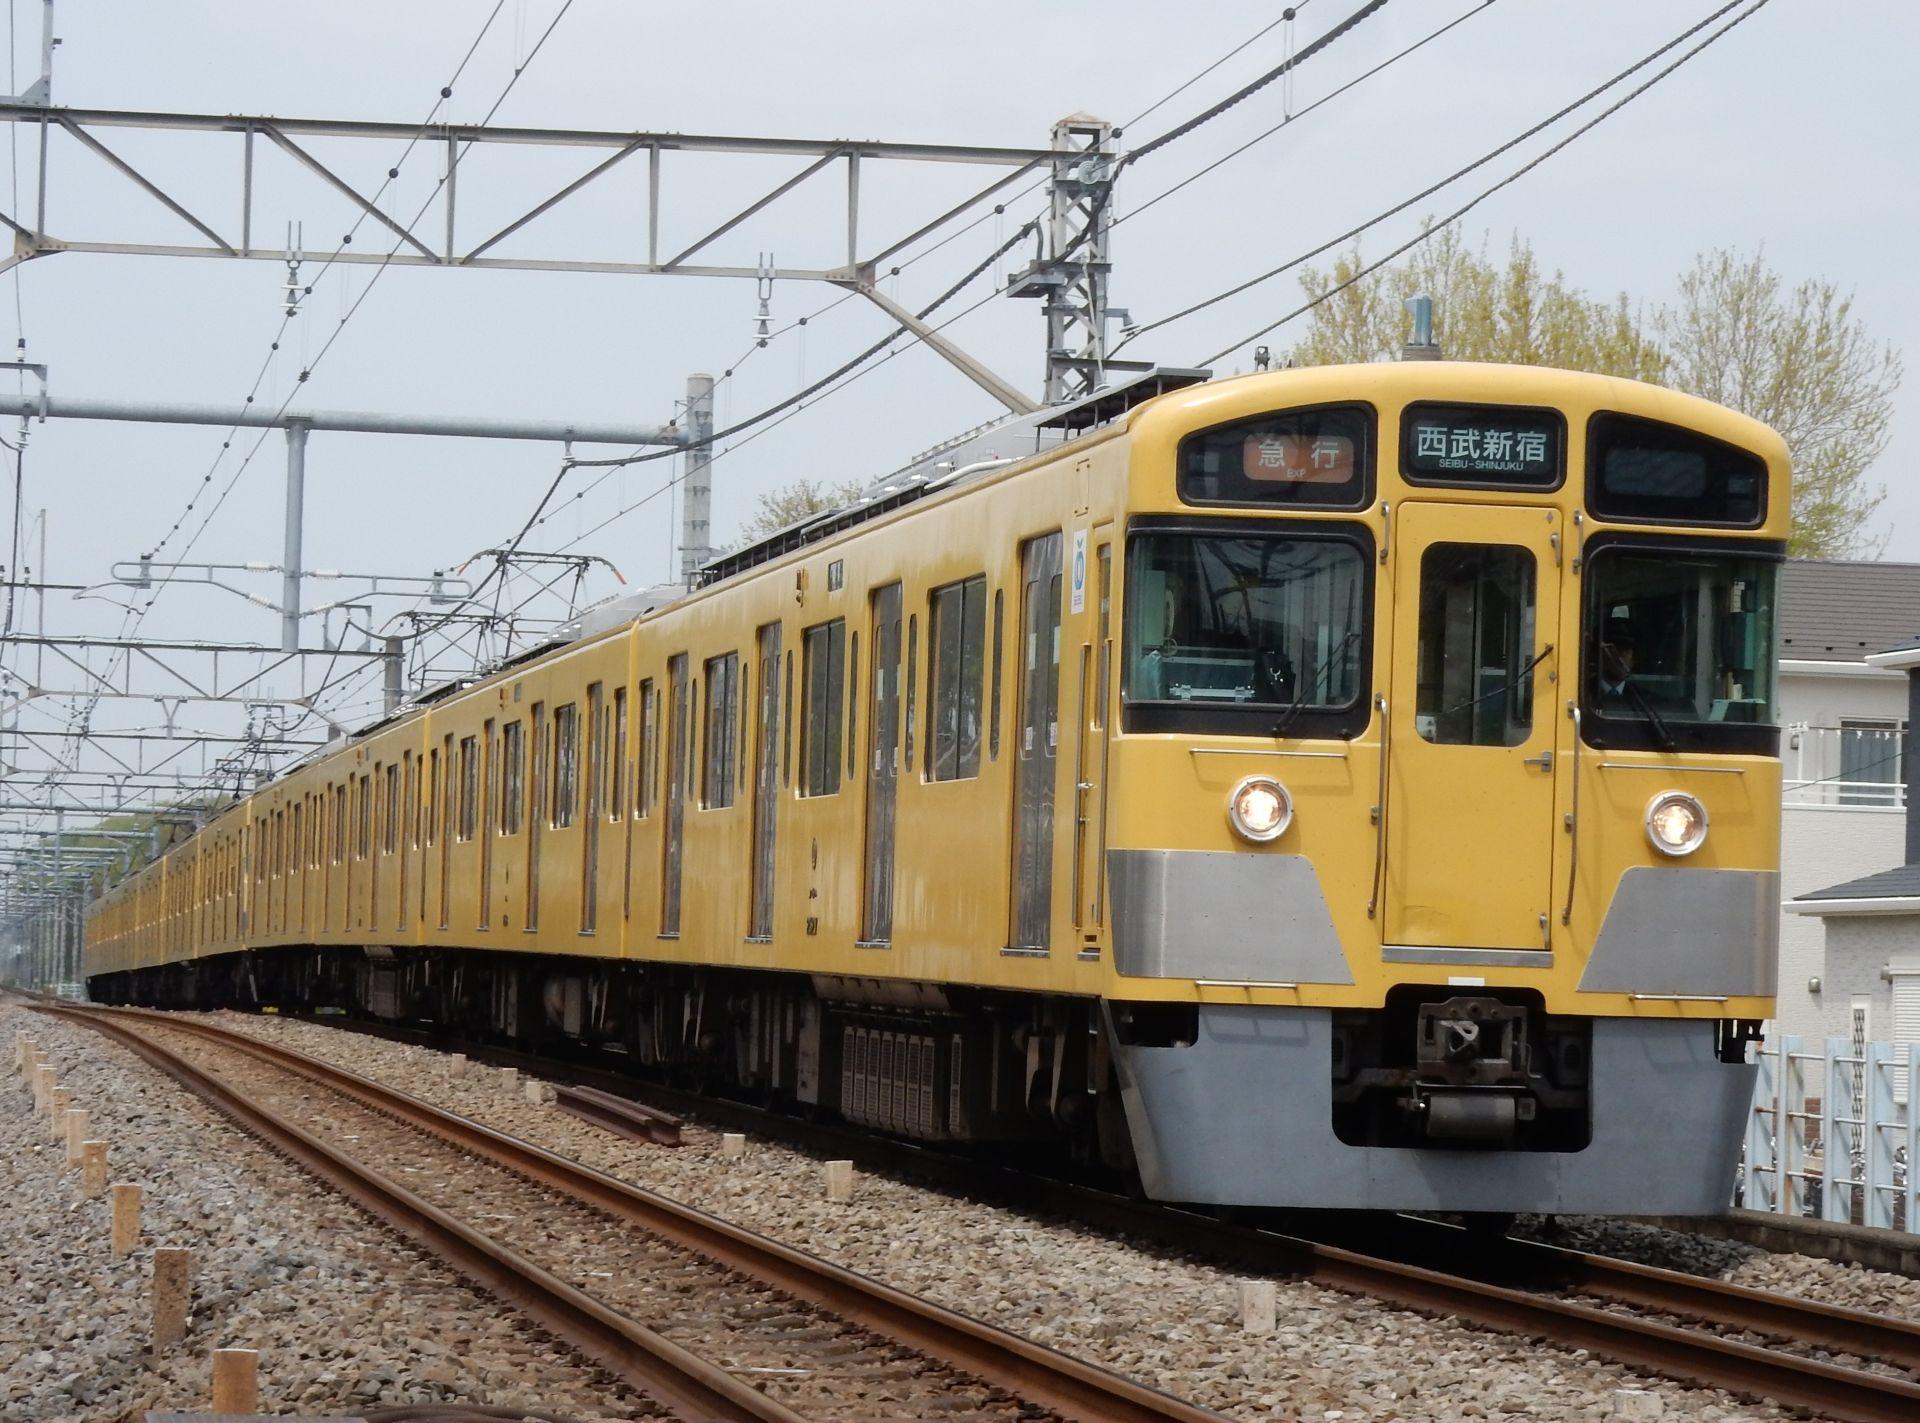 DSCN7468 - コピー